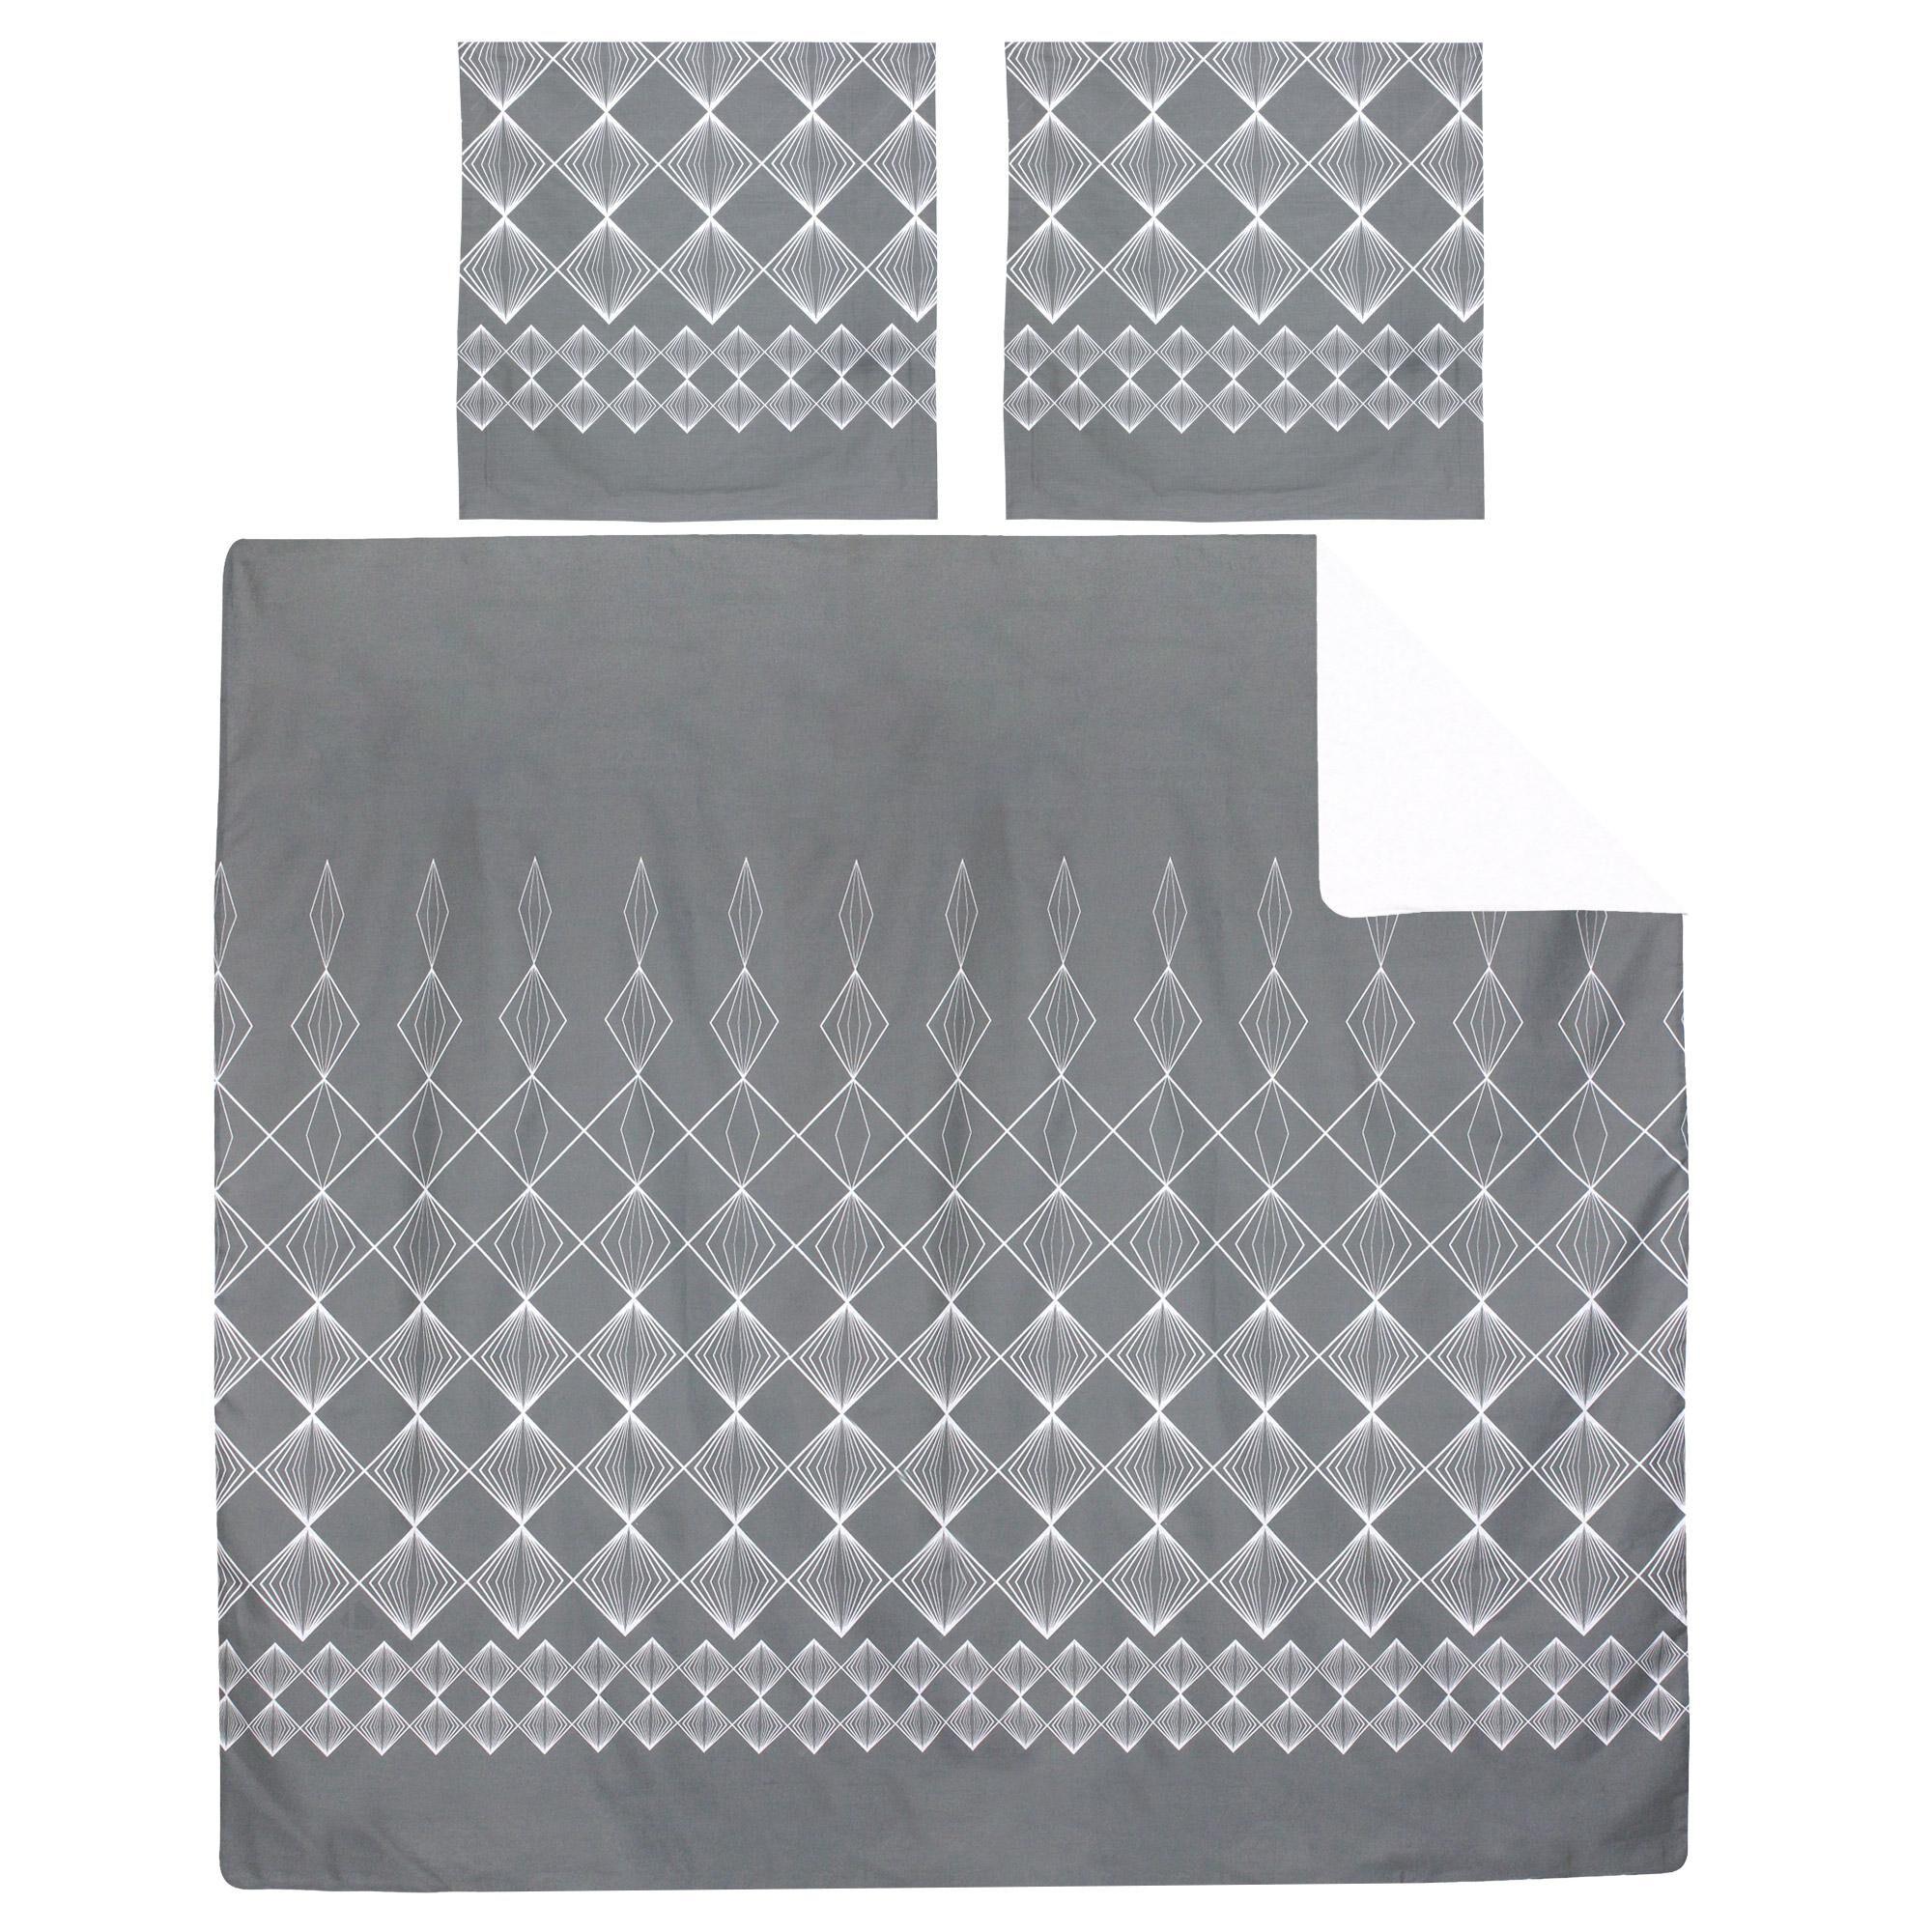 Linnea Parure de lit 260x240 cm 100% coton FOREVER GRIS gris foncé 3 pièces